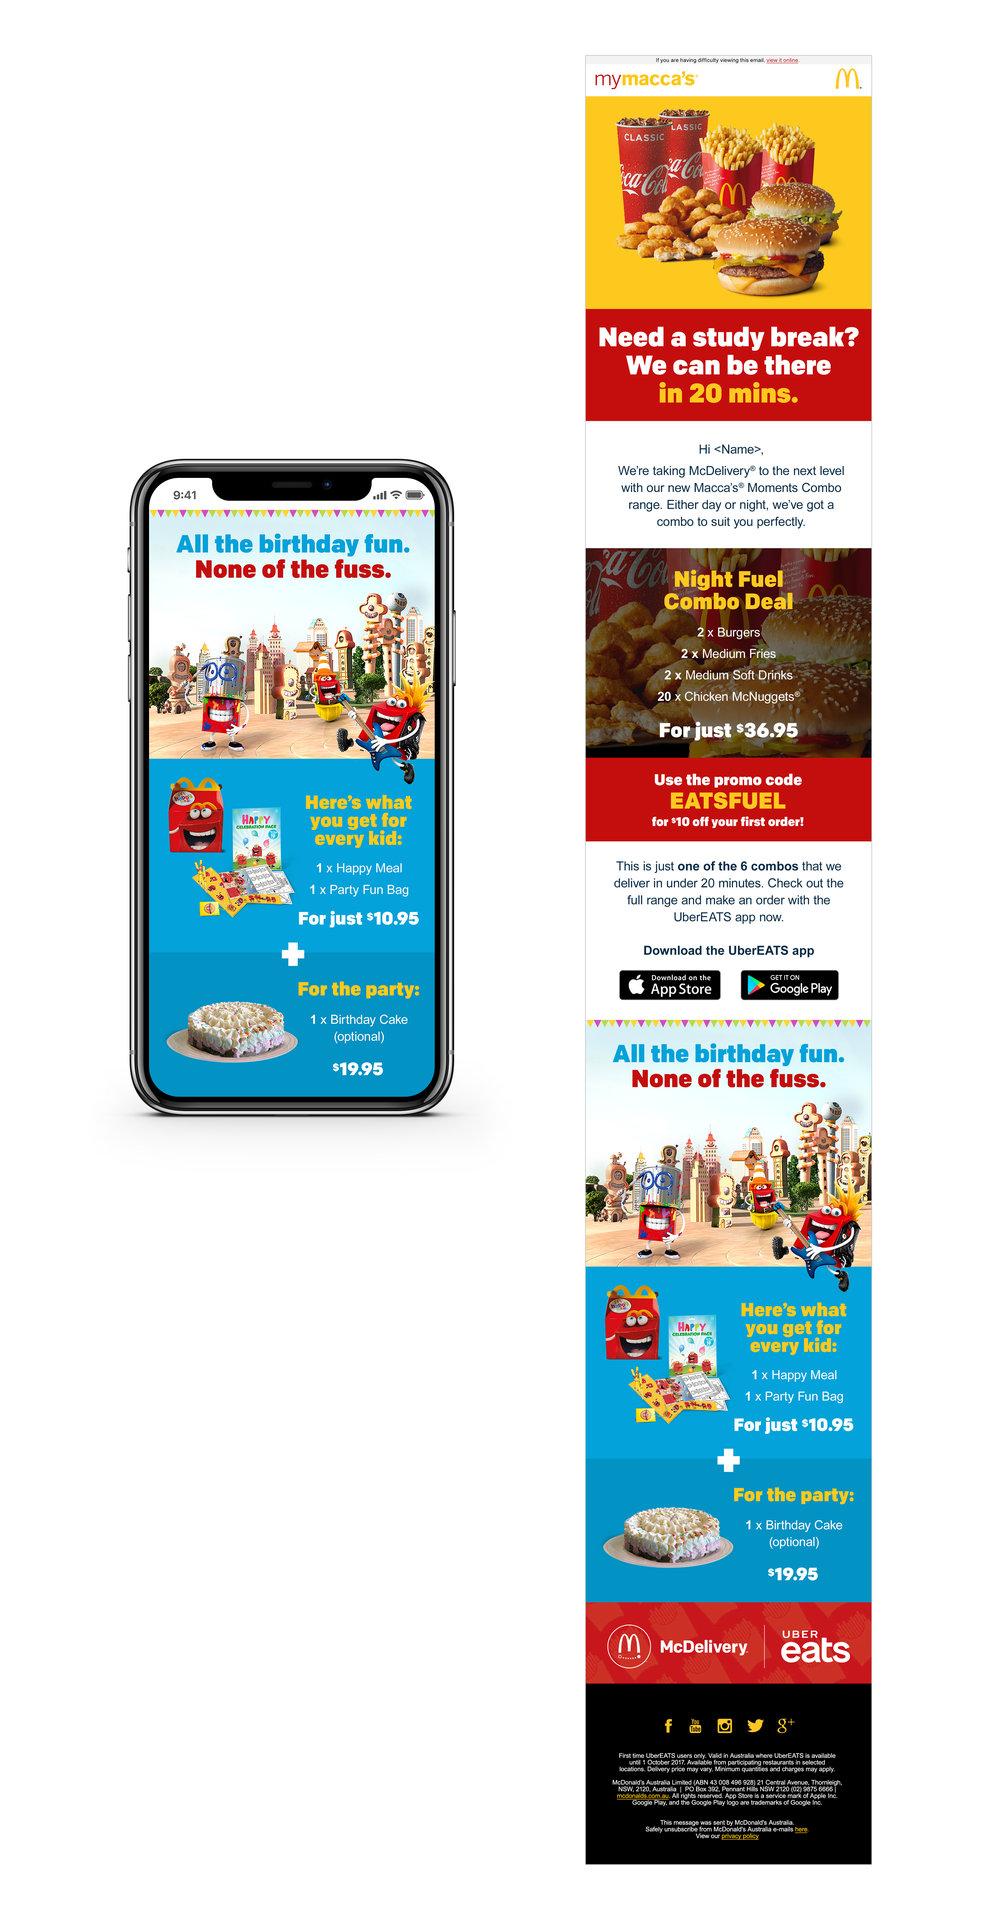 McDonalds_eDM_mobile_04.jpg